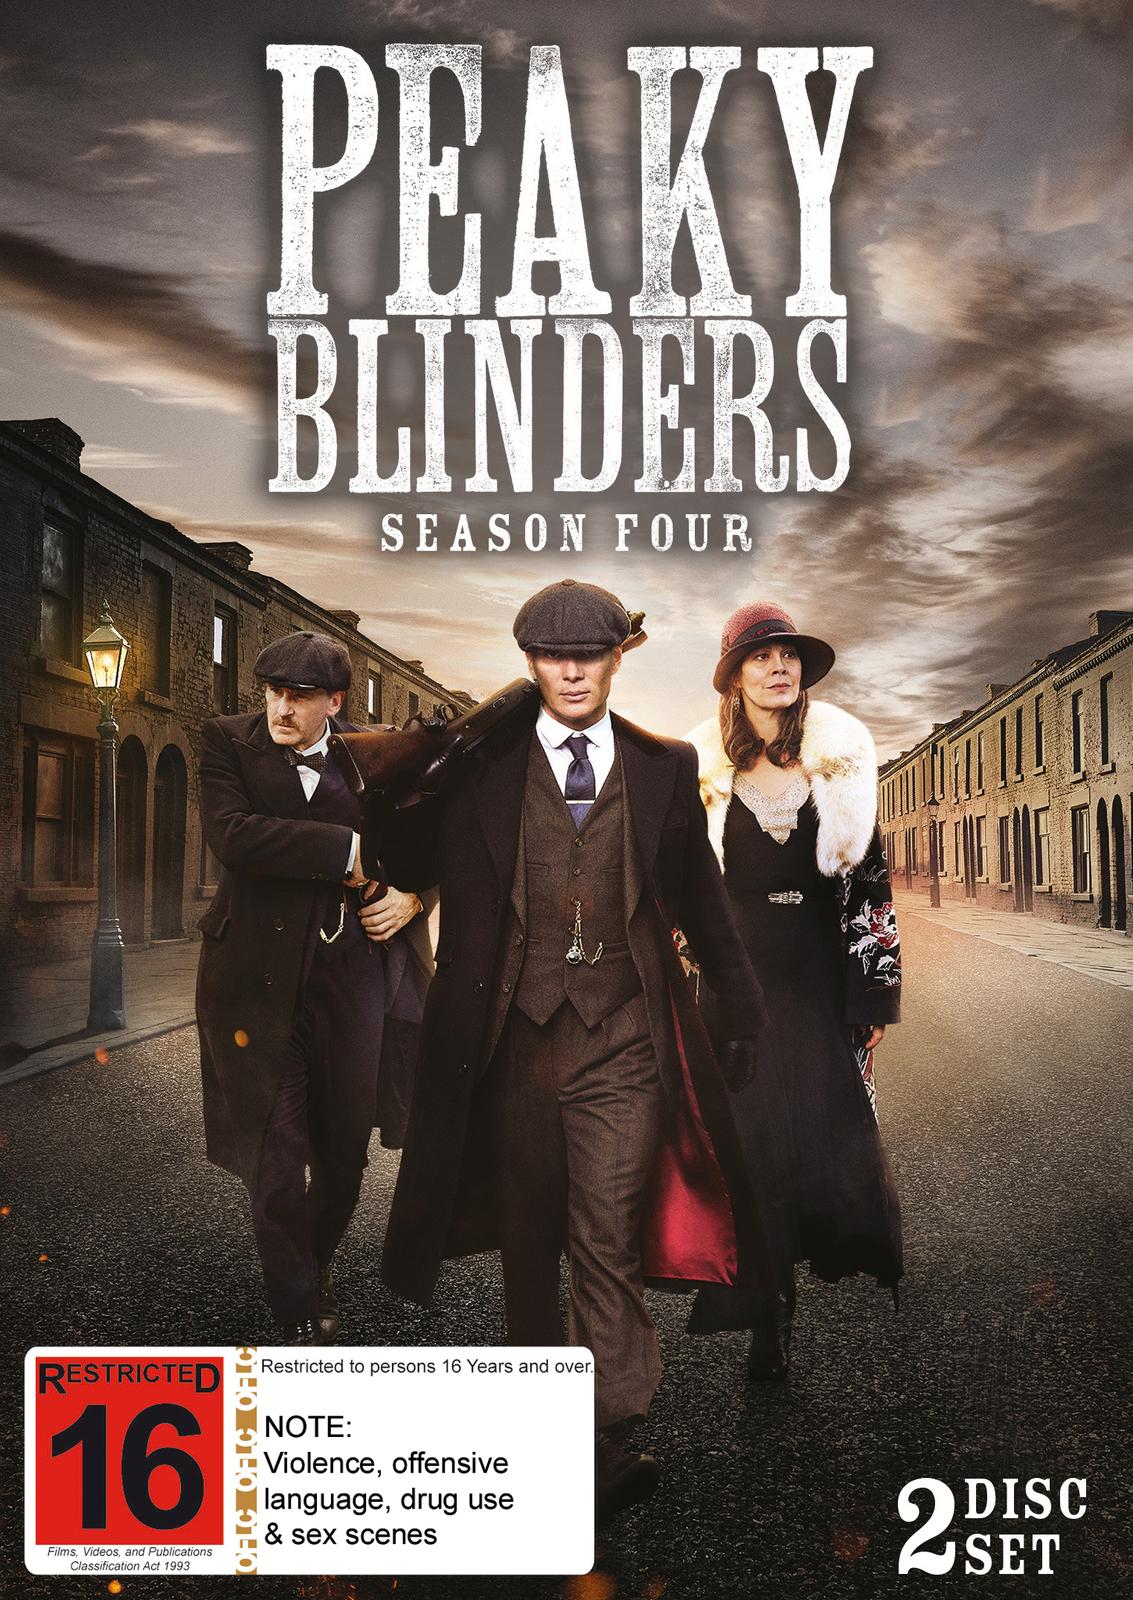 Peaky Blinders - The Complete Season 4 on DVD image